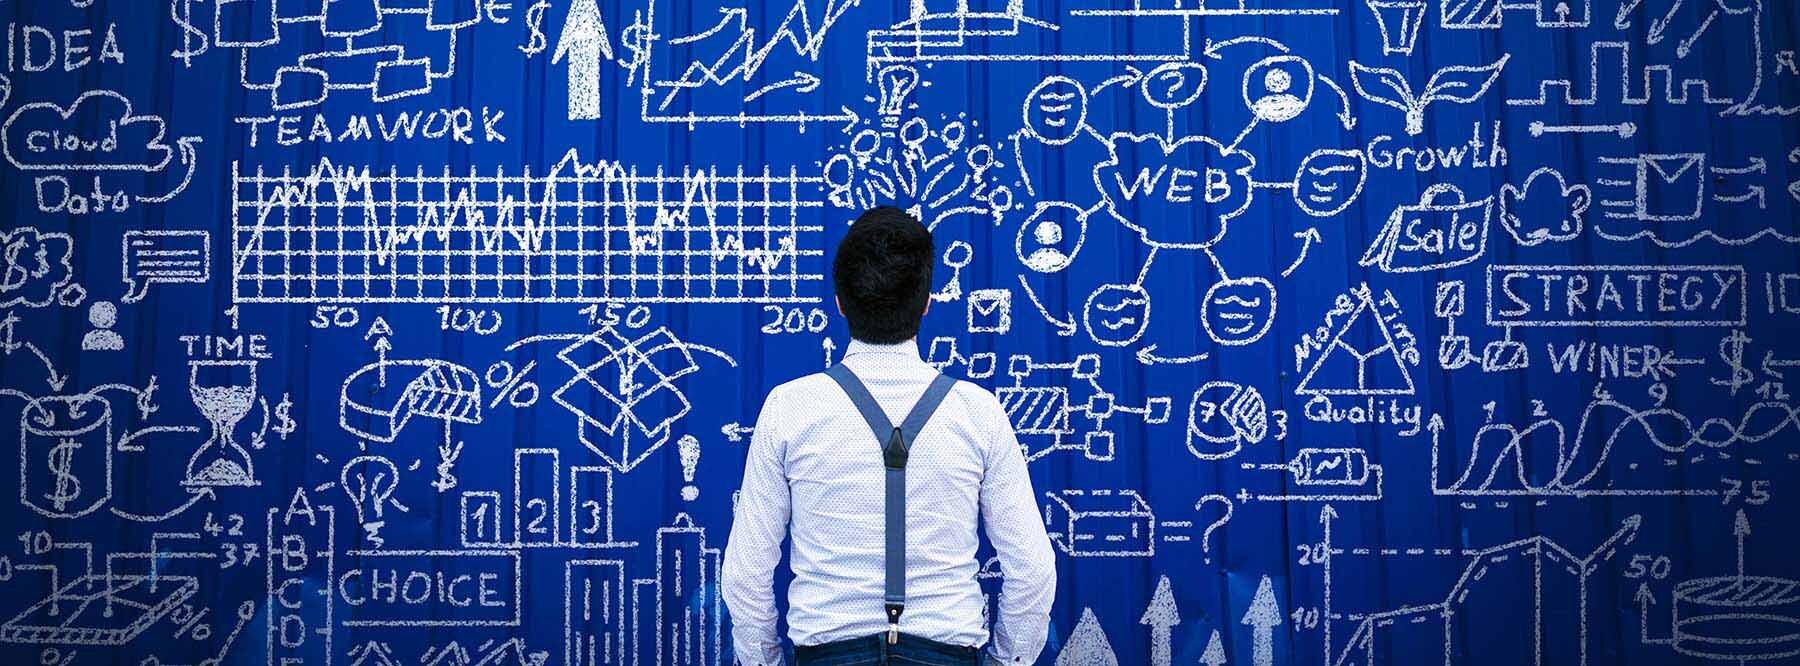 planning_subpage_banner_under_supply_chain_management.jpg